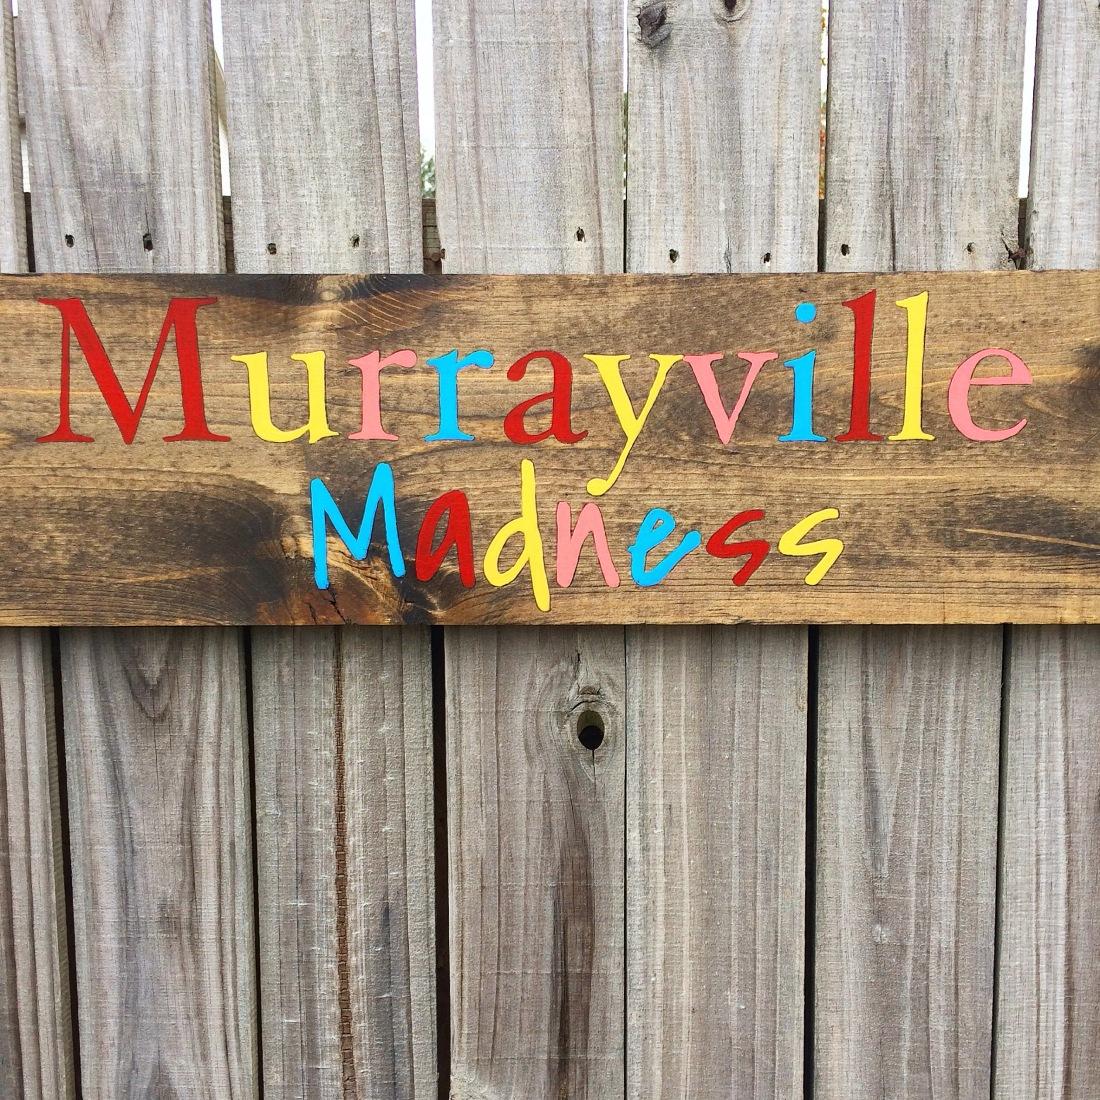 Murrayville Madness